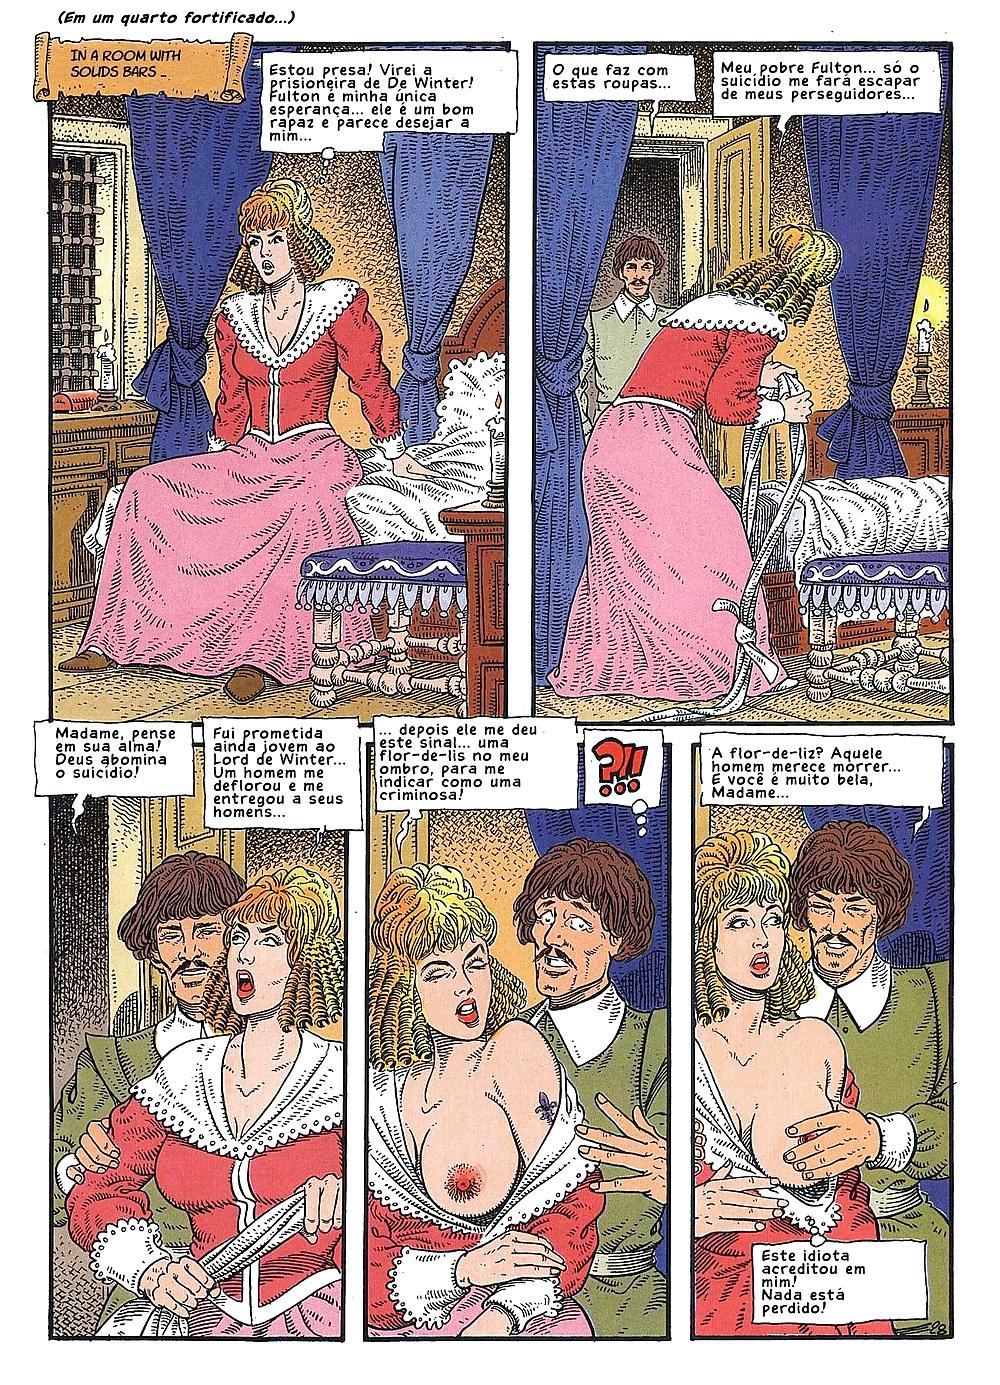 Три мушкетера в порно, порно ретро рыжих